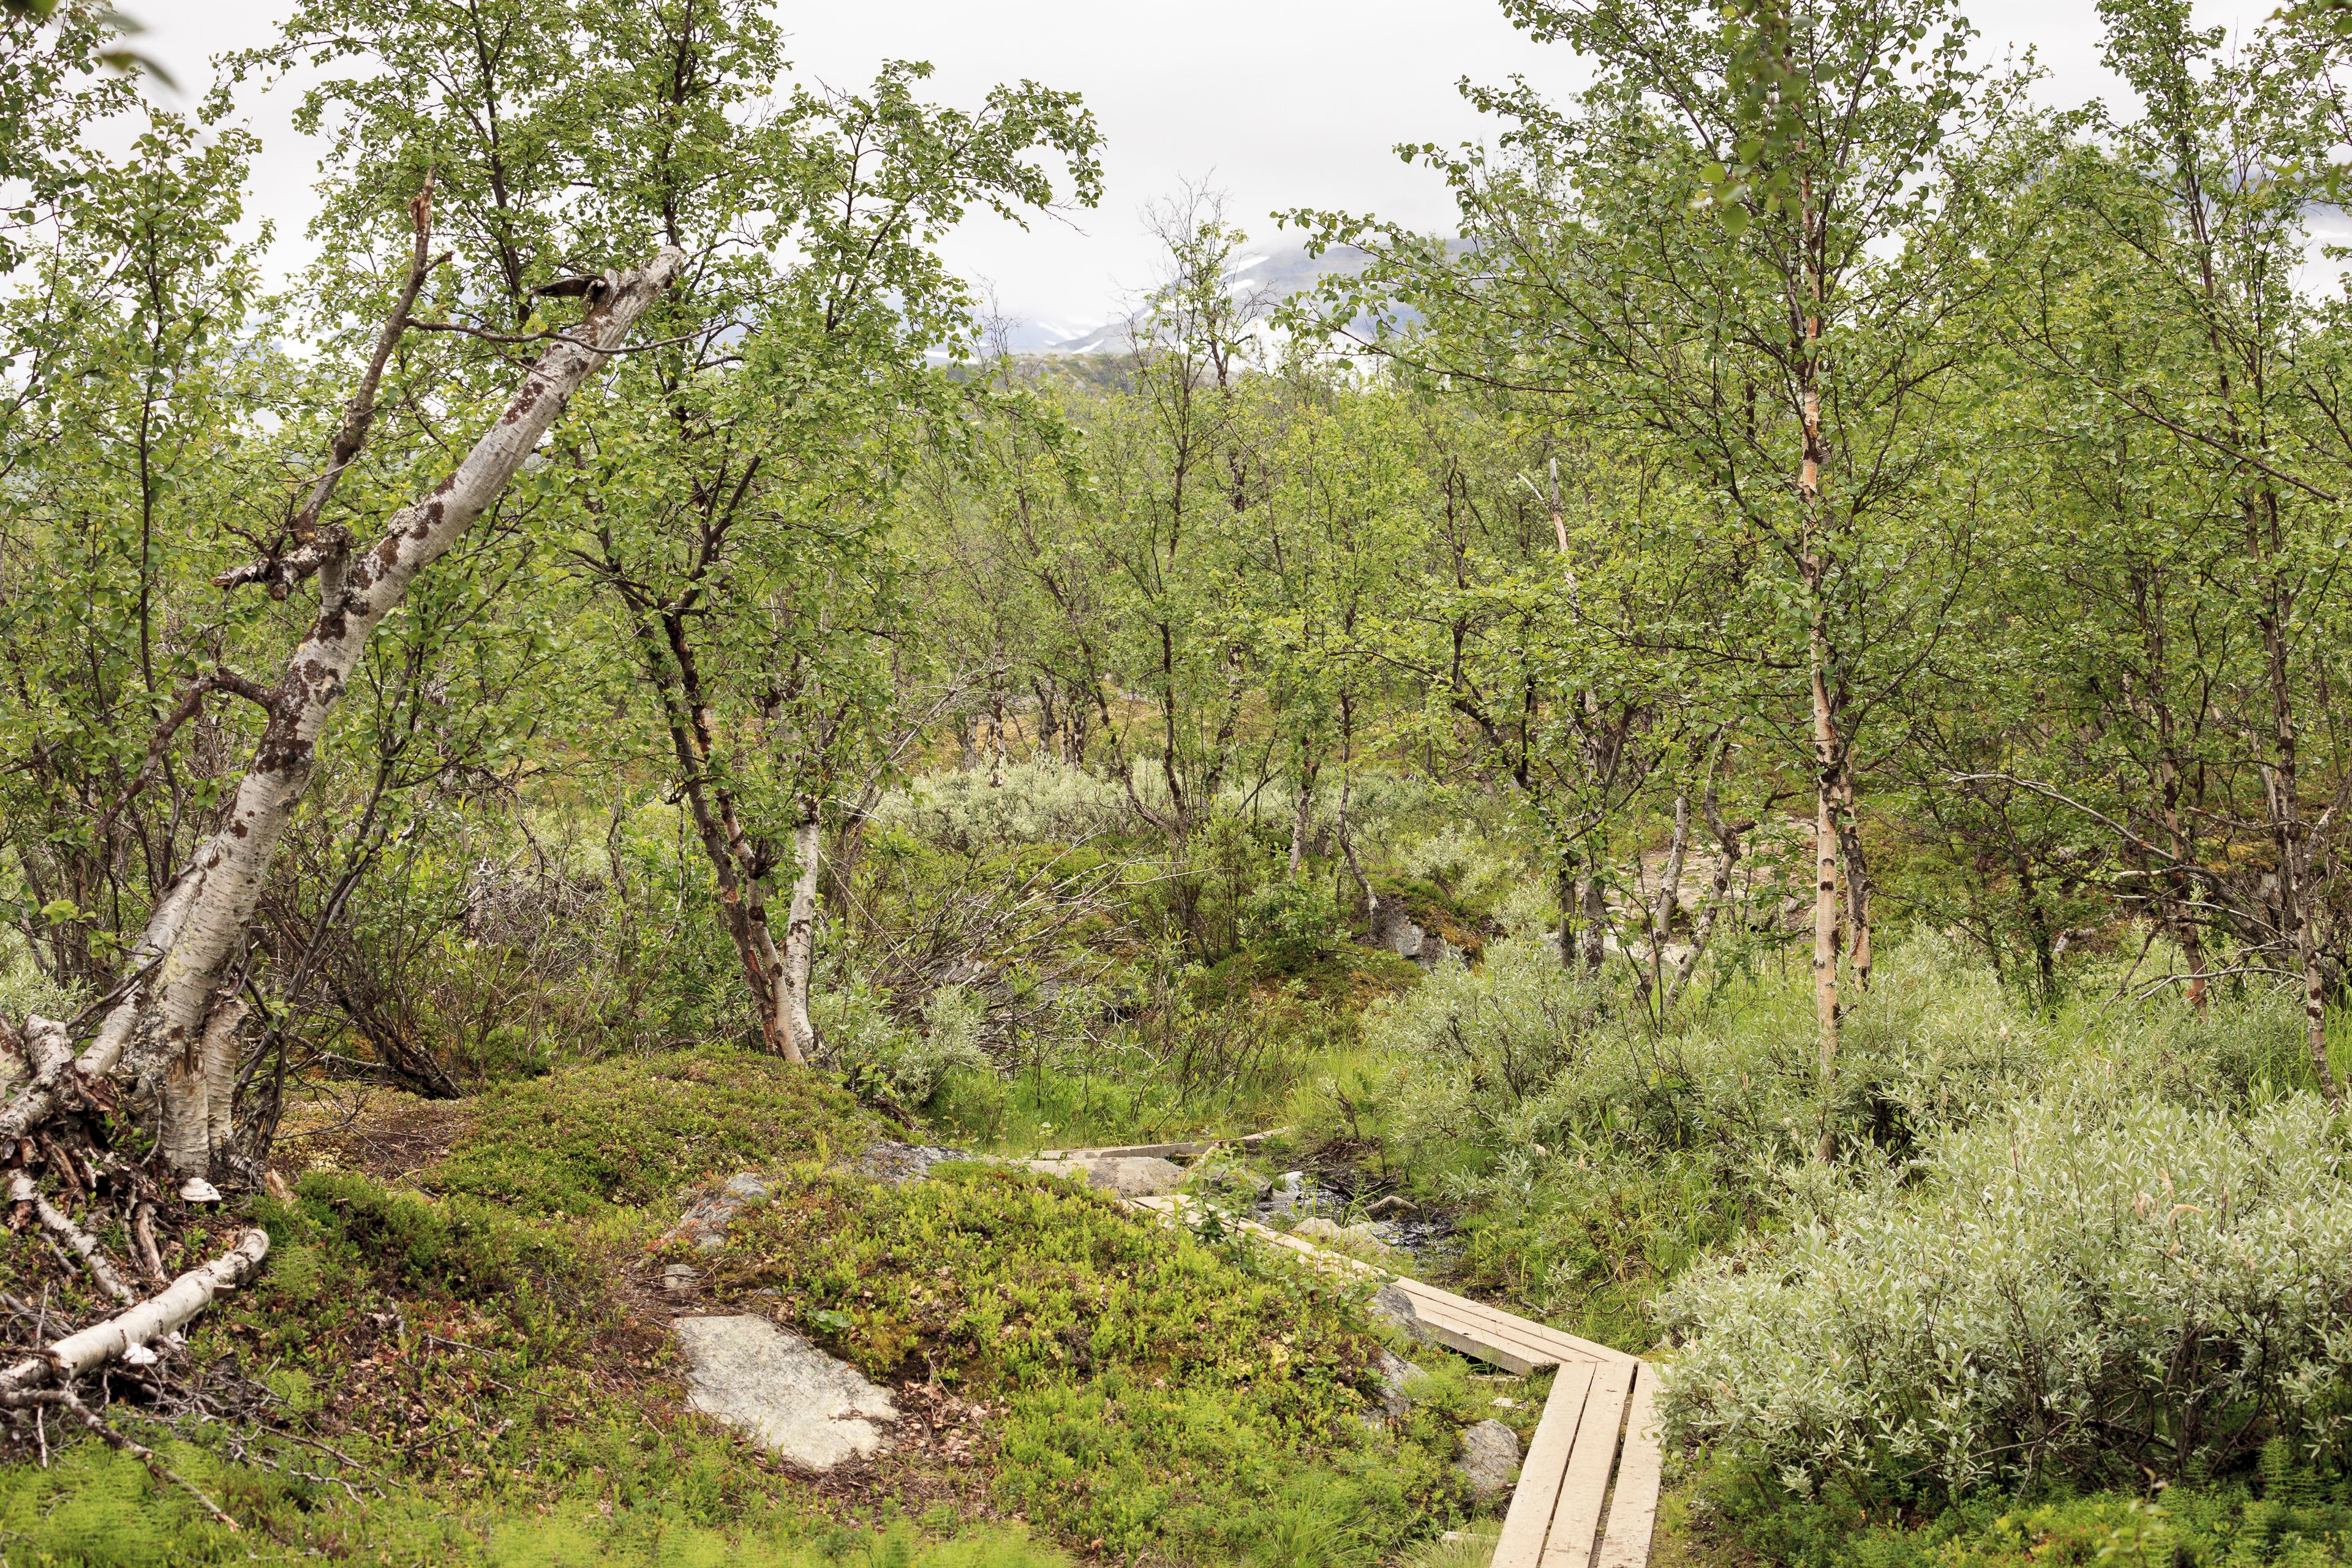 Bohlenweg im Abisko Nationalpark,©Markus Proske—Canon EOS 5D Mark II, EF70-300mm f/4-5.6L IS USM, 70mm, 1/80s, Blende 8, ISO 200